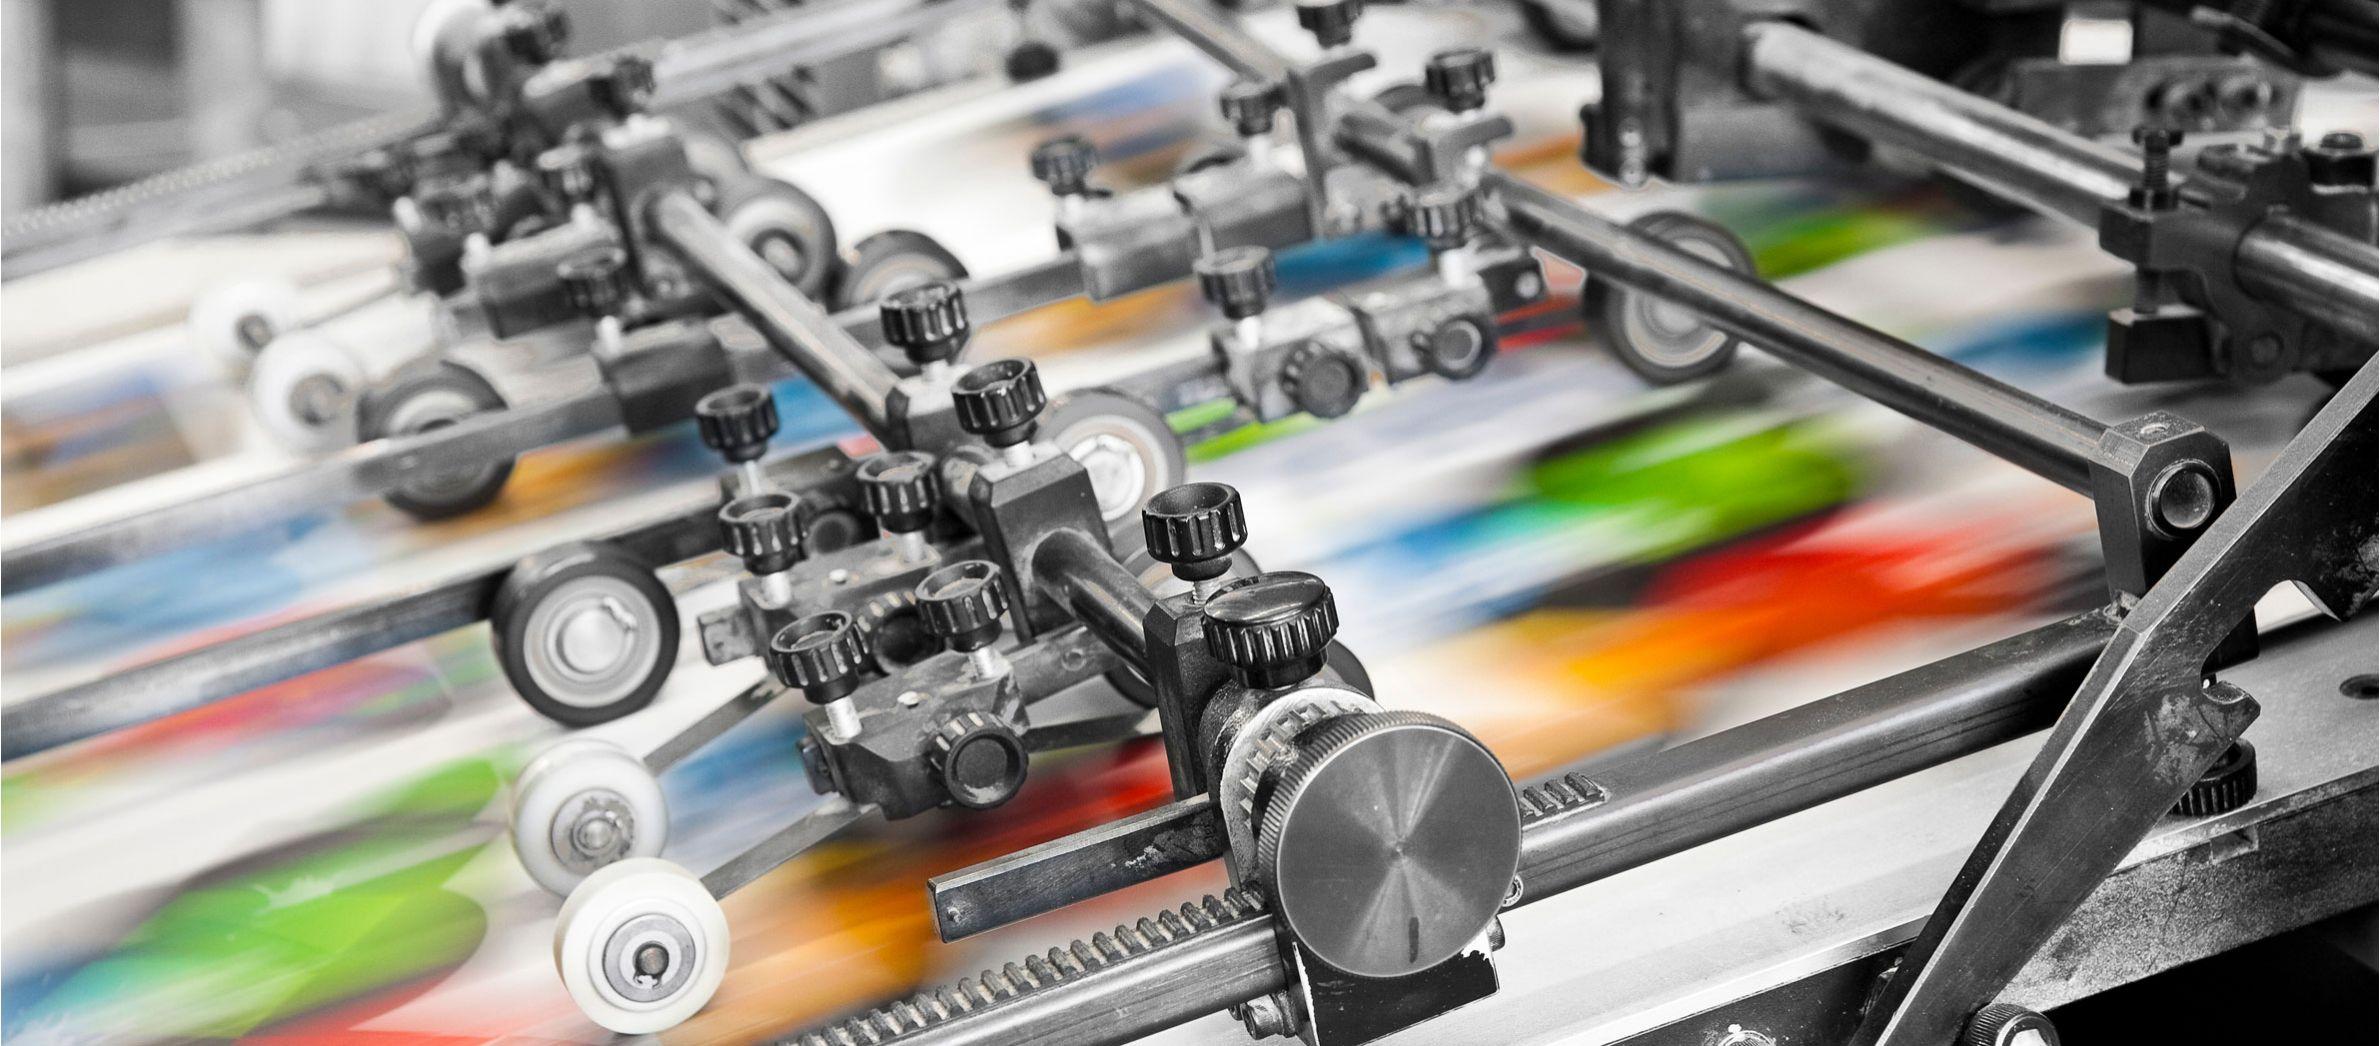 Reinraum-Tücher für Drucker und Druckereien